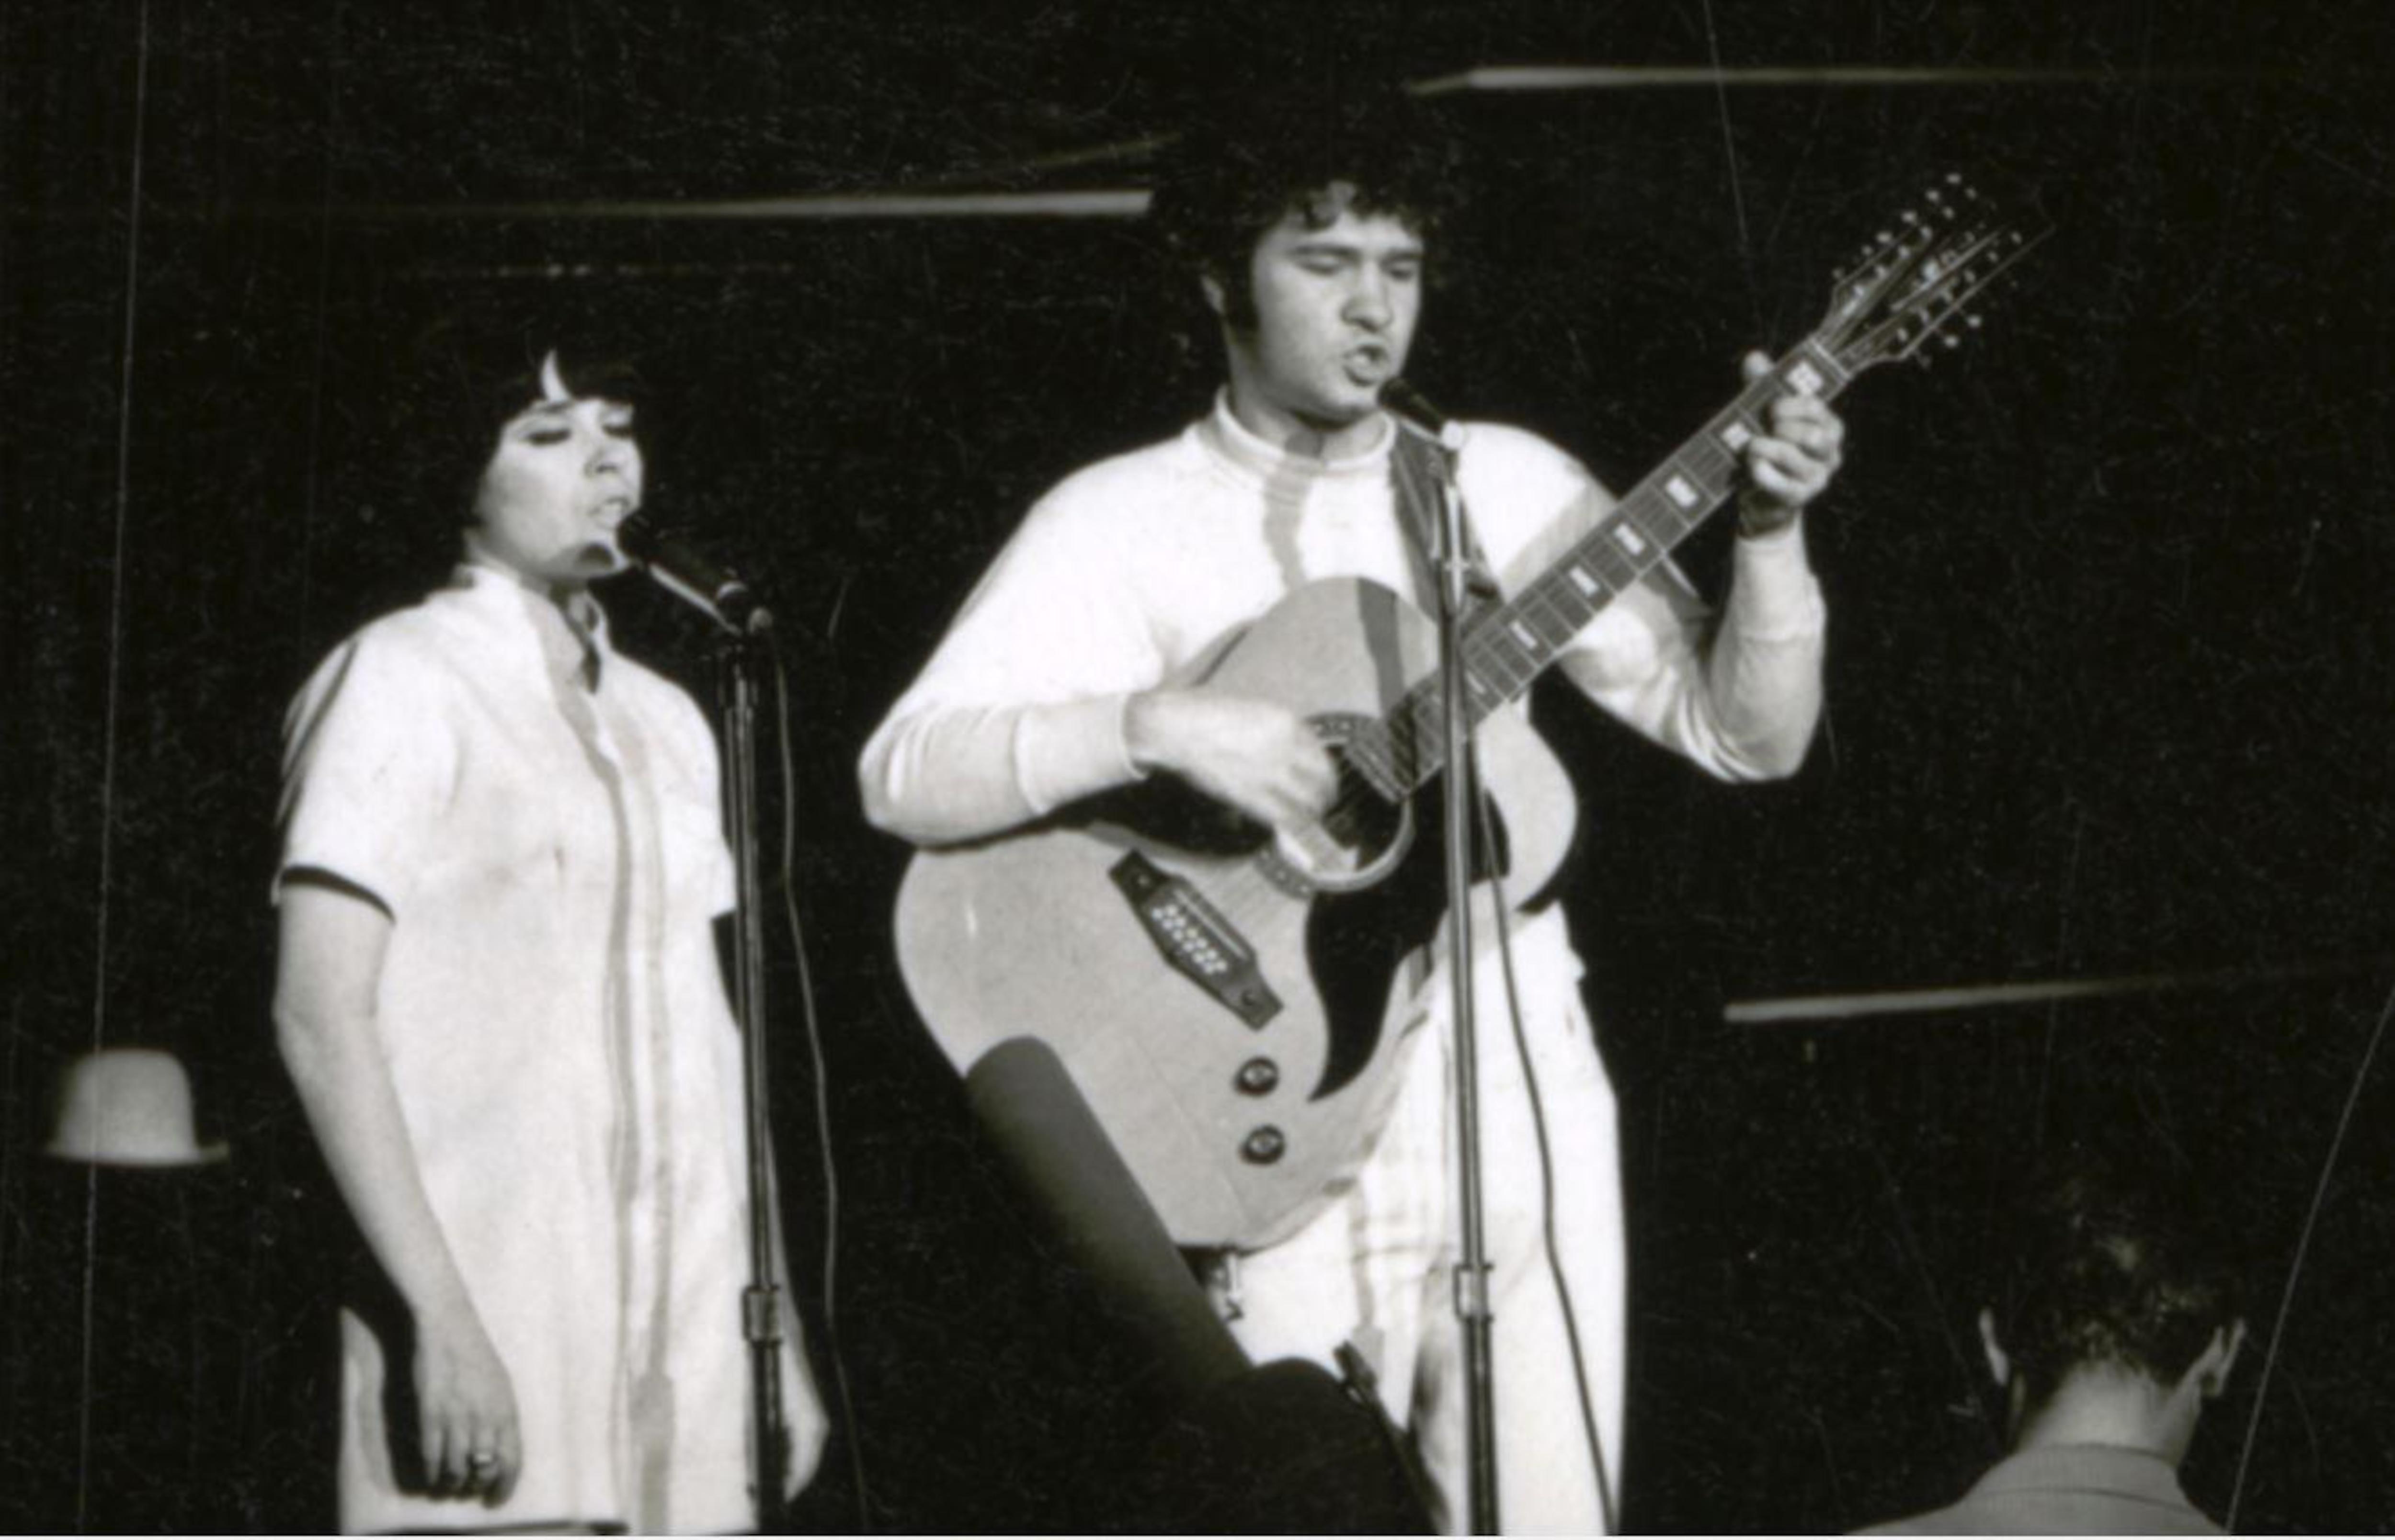 Louise Forestier et Robert Charlebois chantent sur la scène du Théâtre de Quat'Sous lors de l'Osstidcho, en 1968.